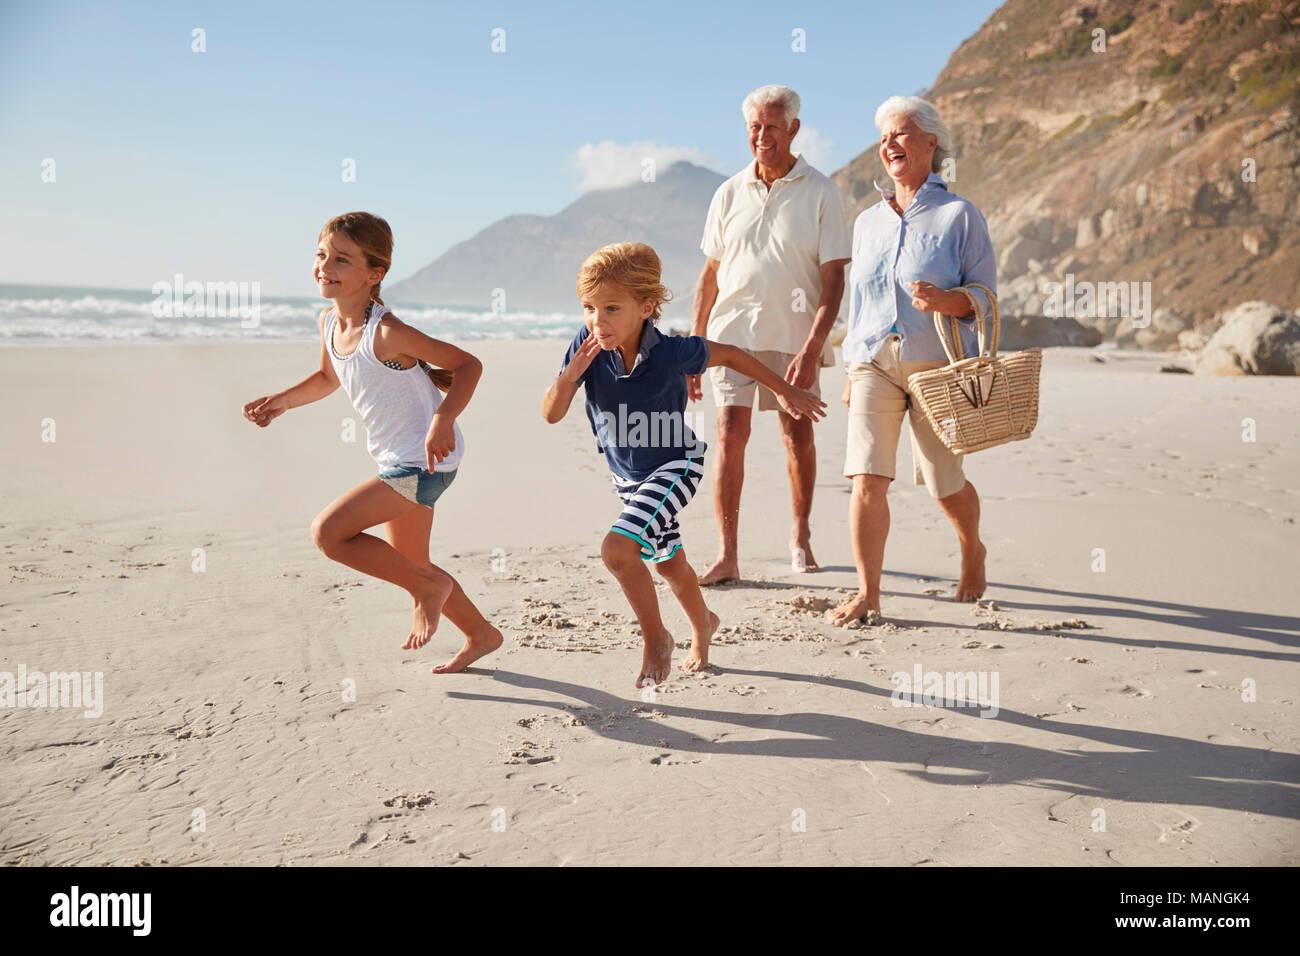 Los abuelos que corre a lo largo de la playa con sus nietos Imagen De Stock